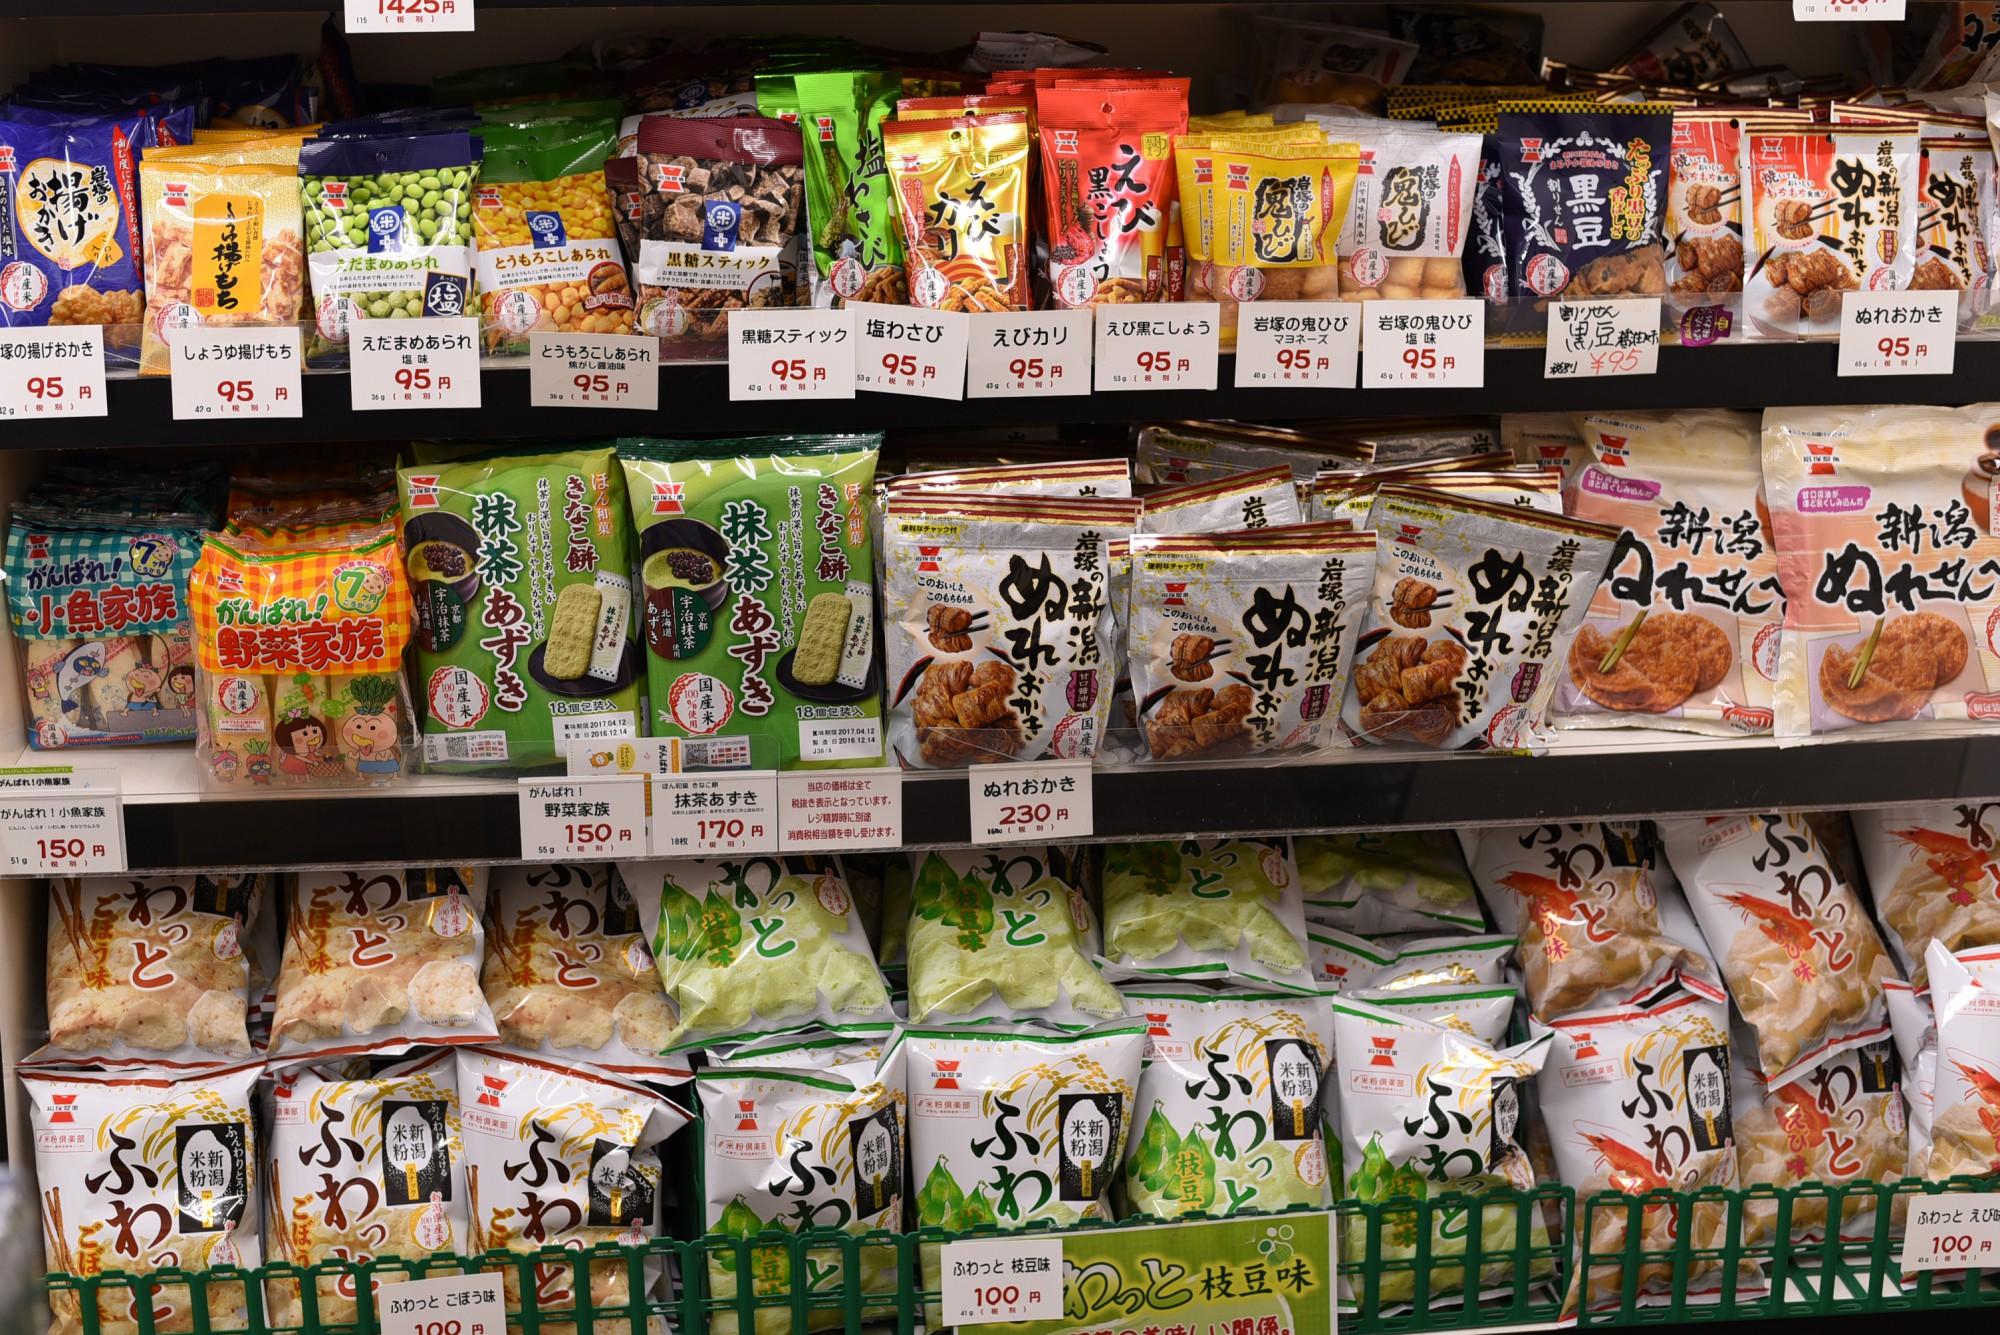 「えびカリ」「ふわっと」「ぬれおかき」など、岩塚製菓のヒット商品もお試しあれ。